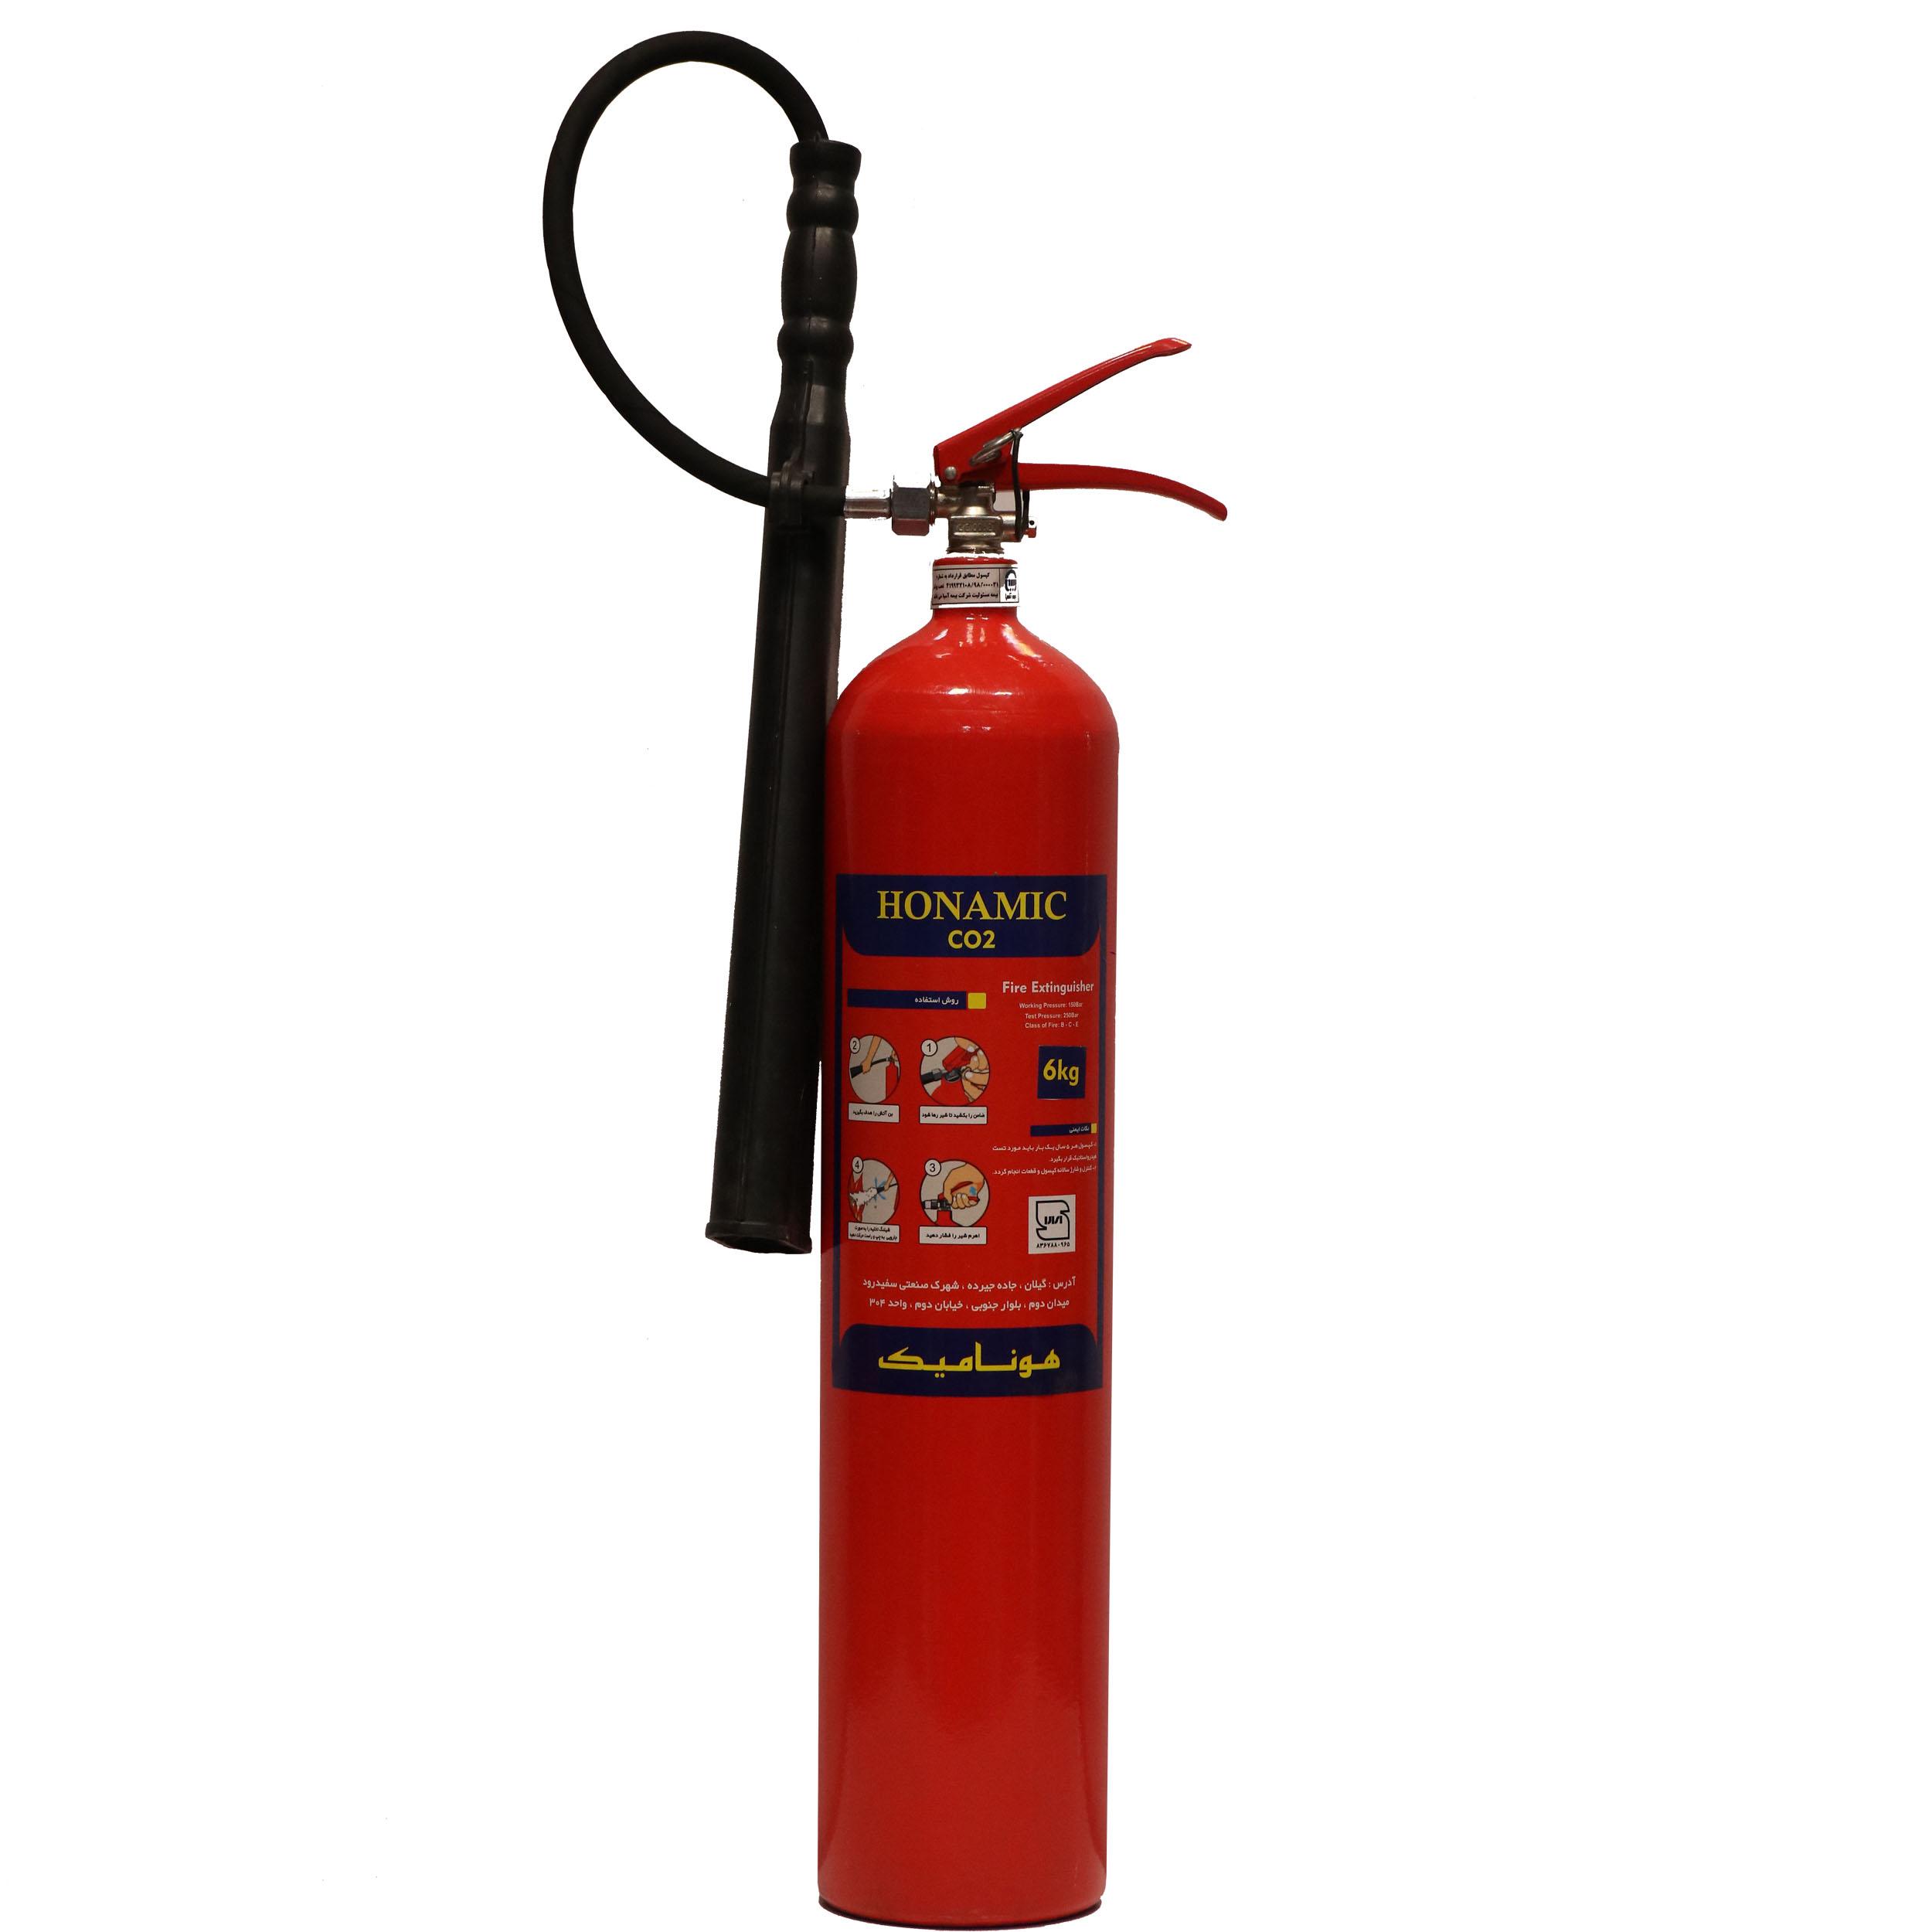 کپسول آتش نشانی CO2 هونامیک کد 1417  وزن 6 کیلوگرم